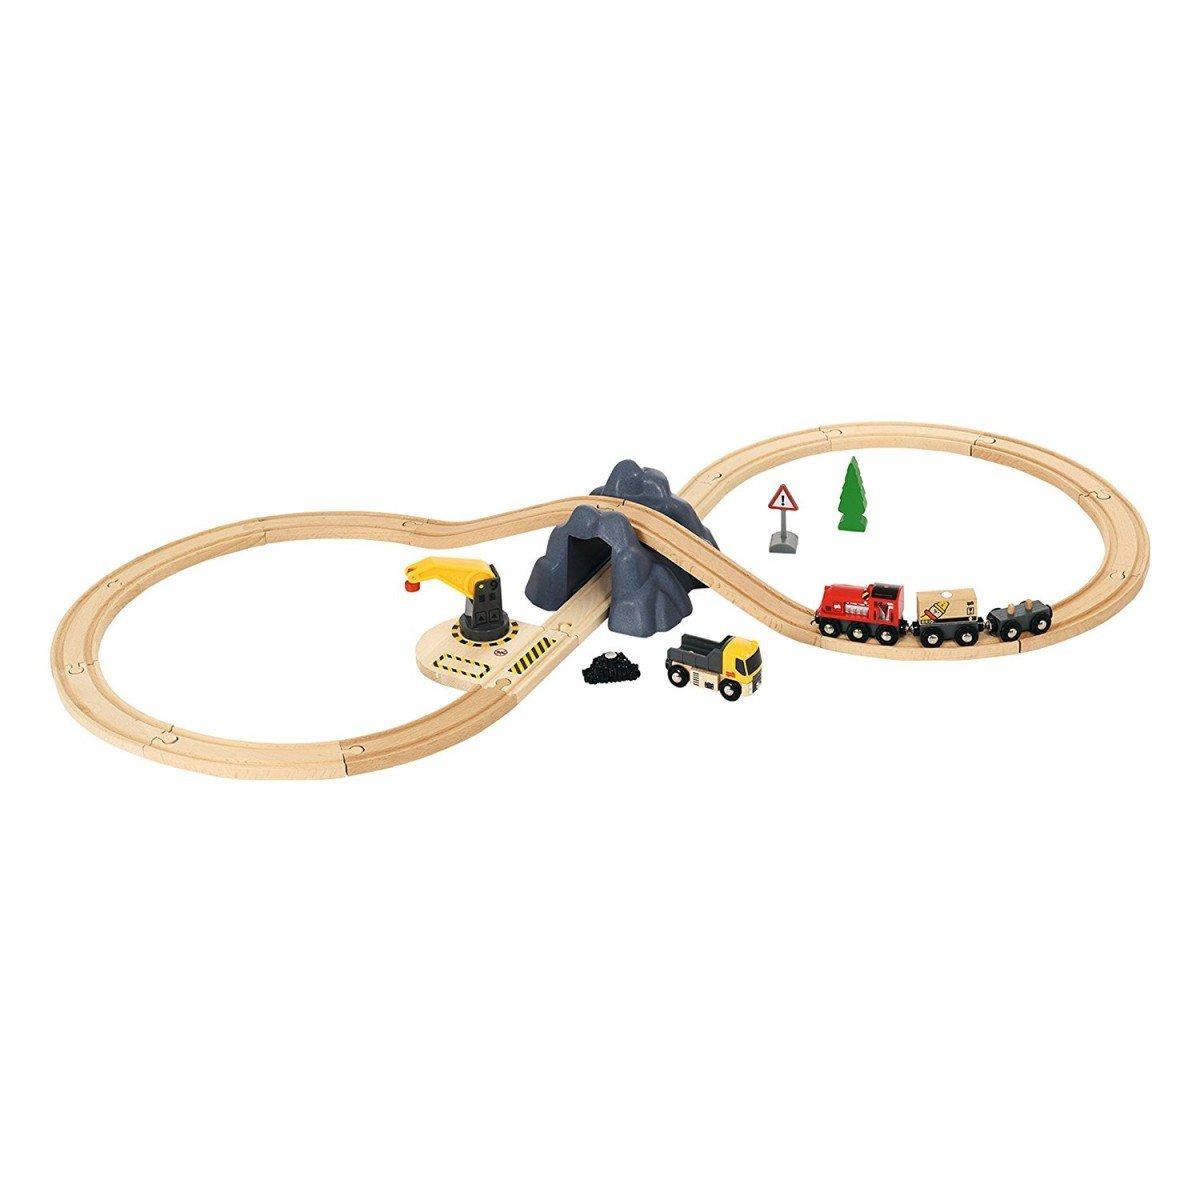 Brio Ferrovia a Forma di 8 Set di Carico in Scatola di Plastica 26 Pezzi, Ferrovia di Legno, Giocattolo, Legno   Plastica, 103.7 cm, 33913